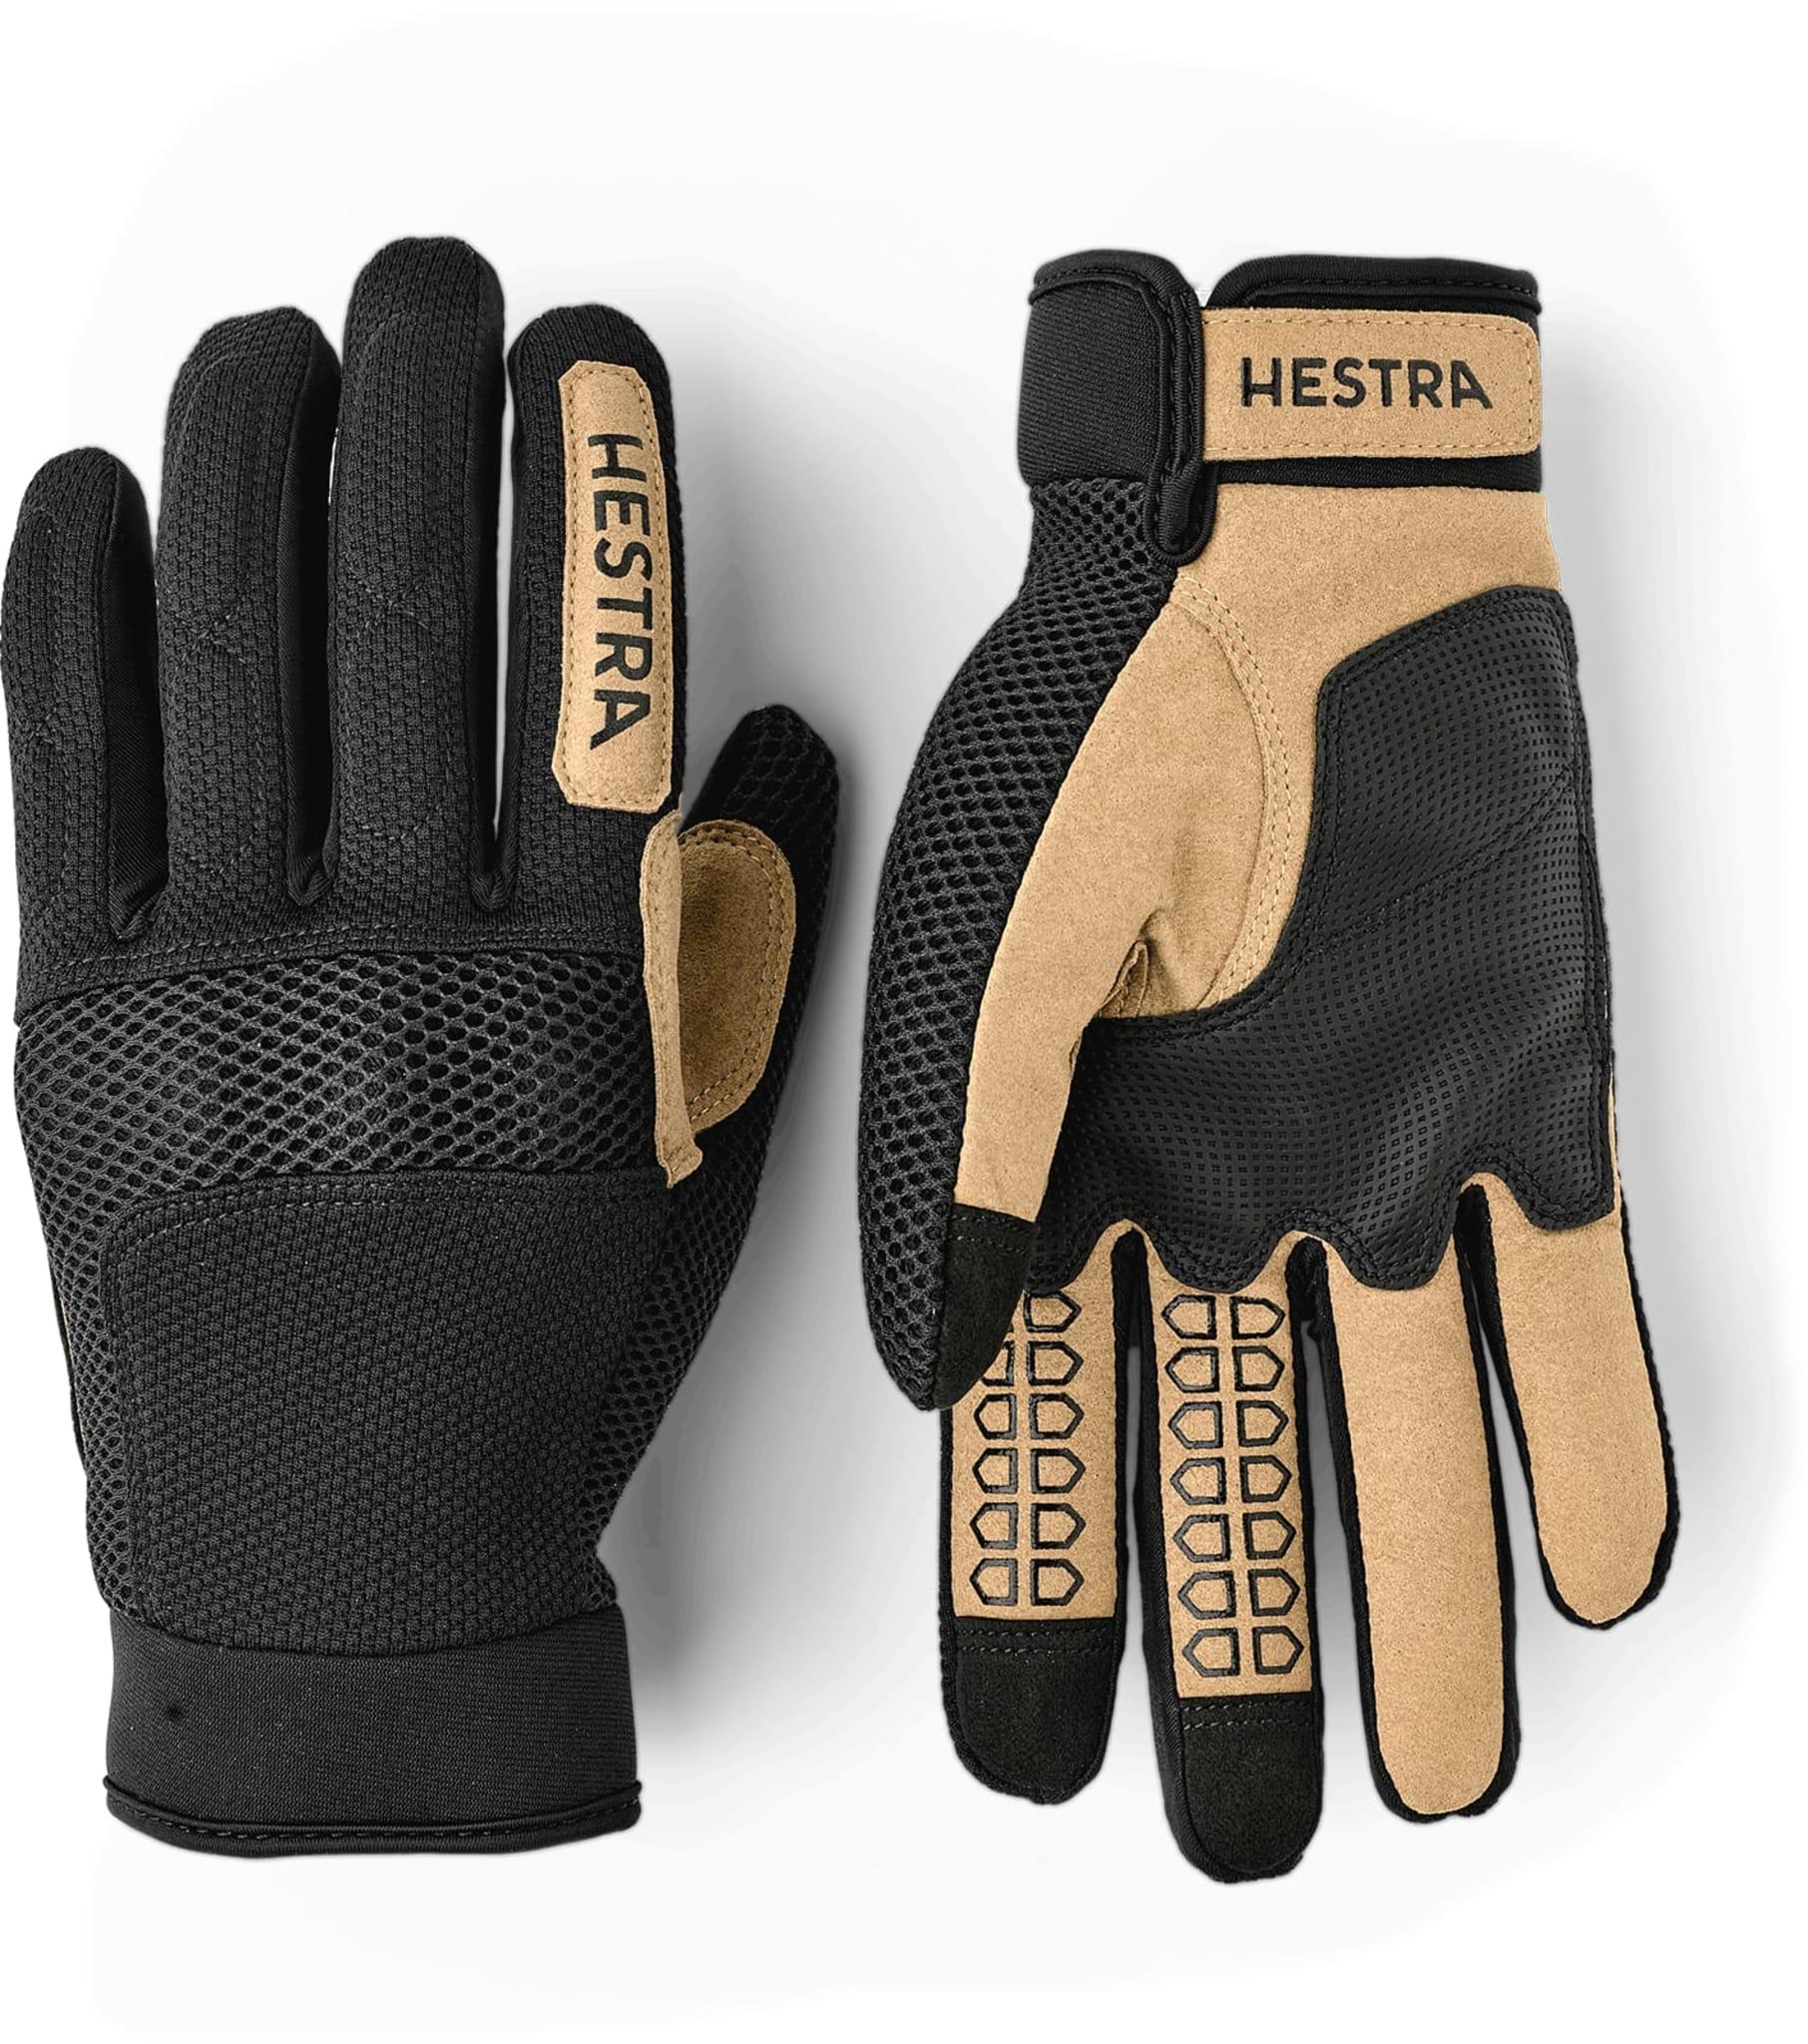 En slitesterk og komfortabel hanske til sykling fra Hestra